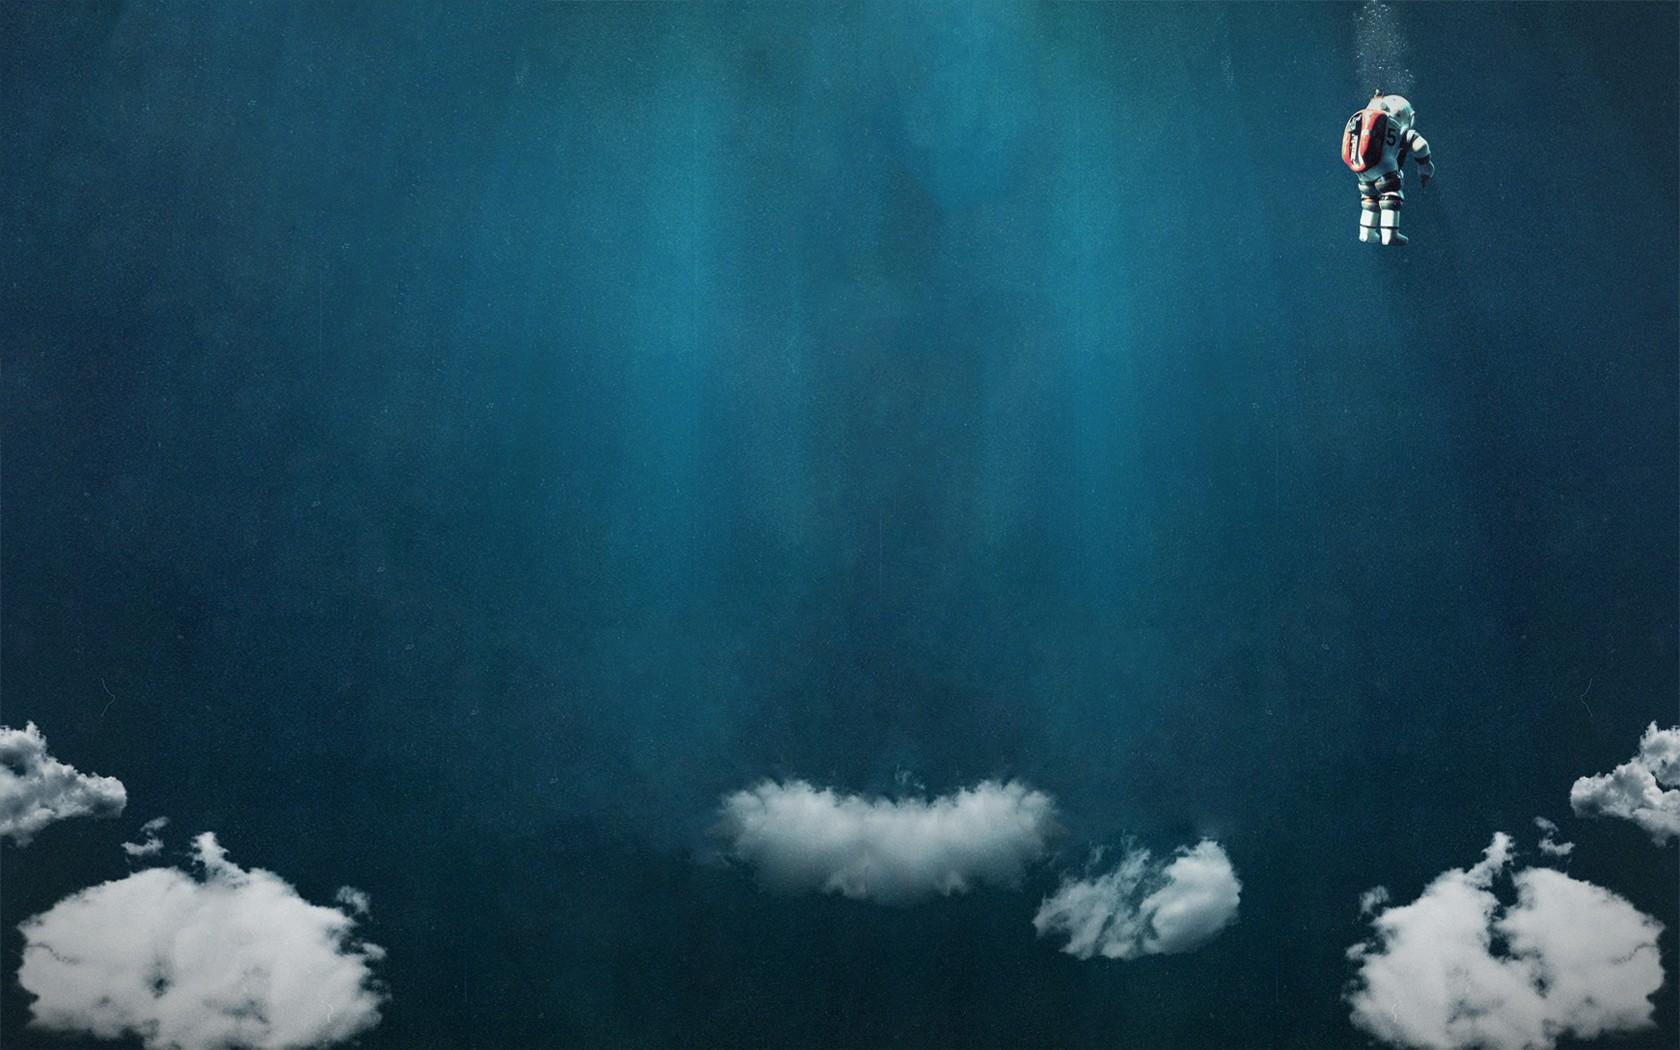 Clouds Diving Suits Scuba Artwork